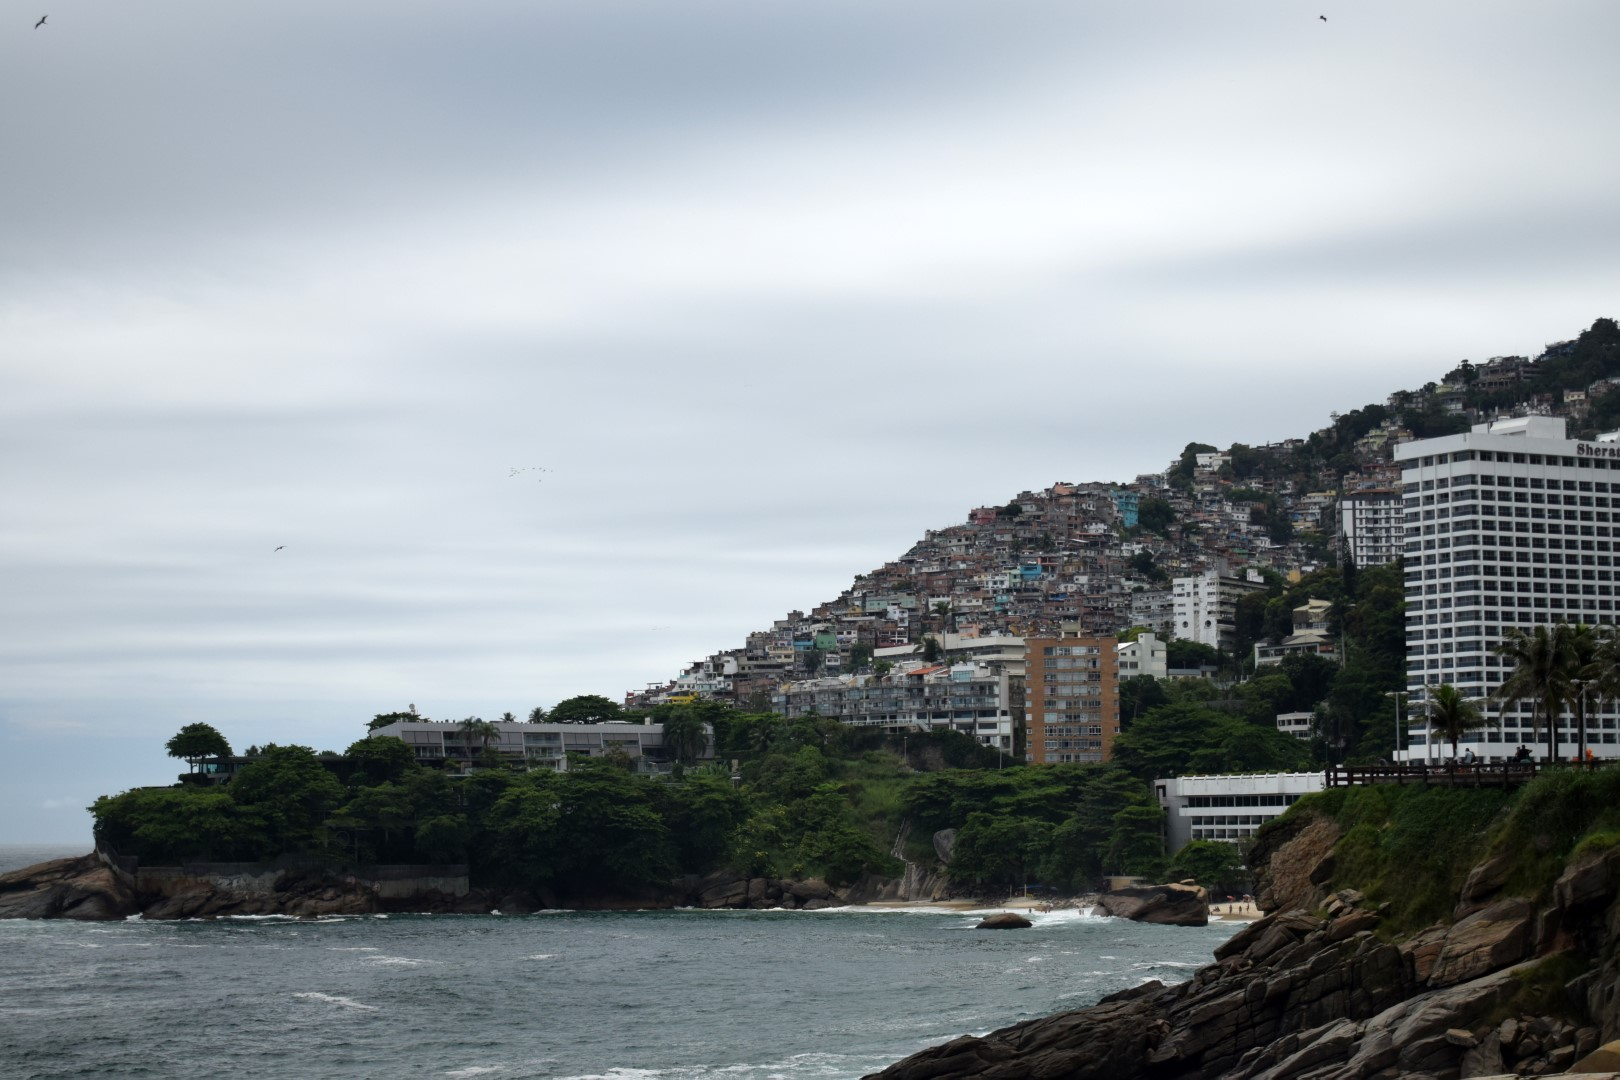 Mirante do Leblon, Av. Niemeyer, Leblon,, Rio de Janeiro